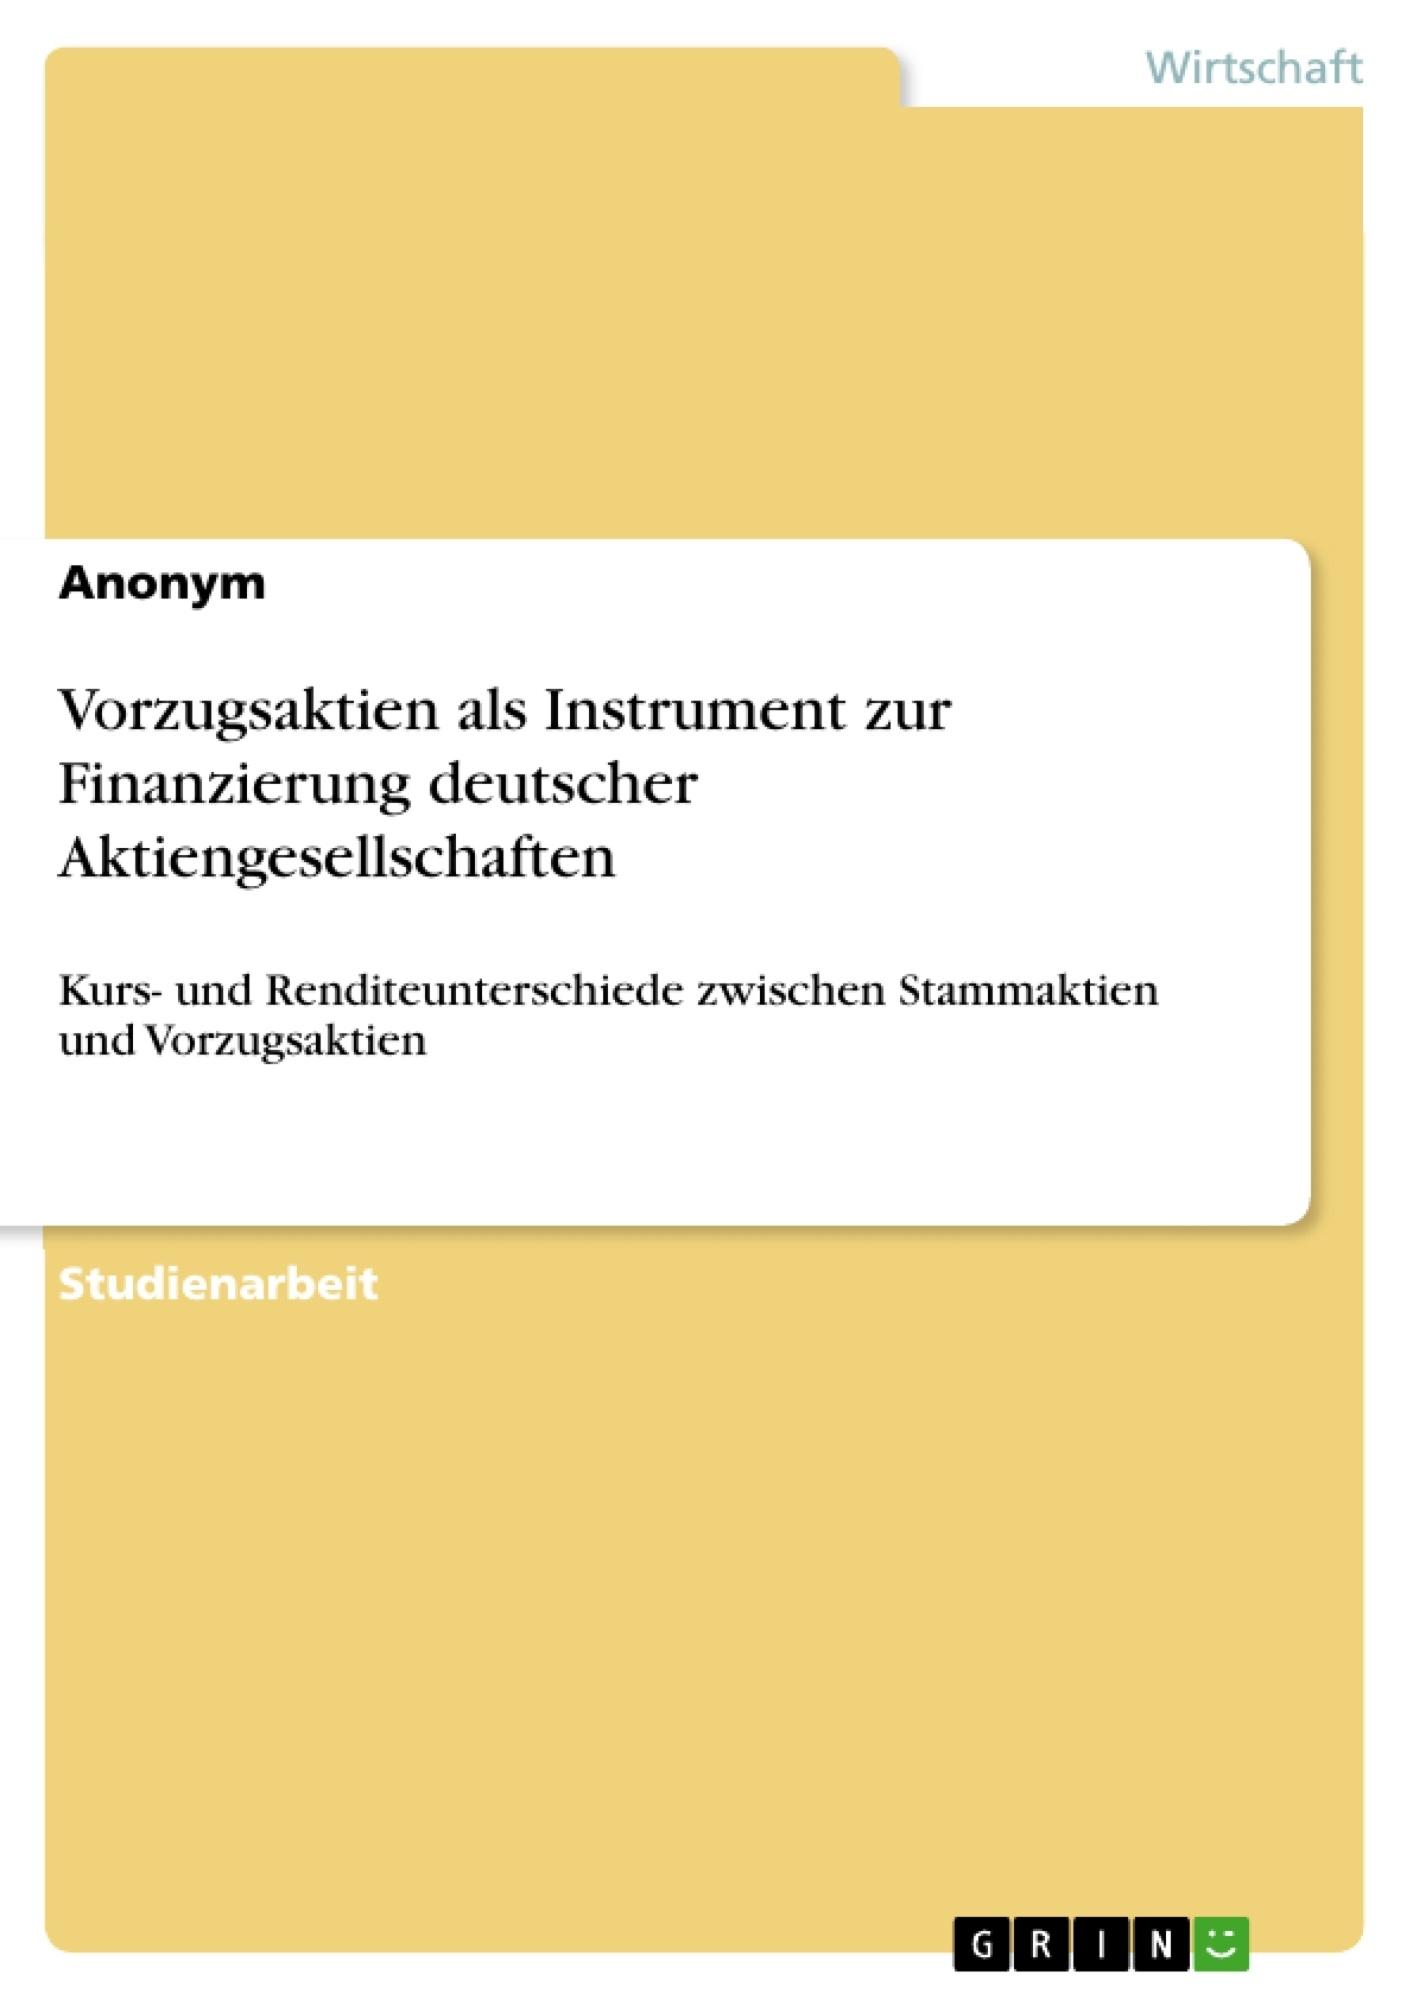 Titel: Vorzugsaktien als Instrument zur Finanzierung deutscher Aktiengesellschaften